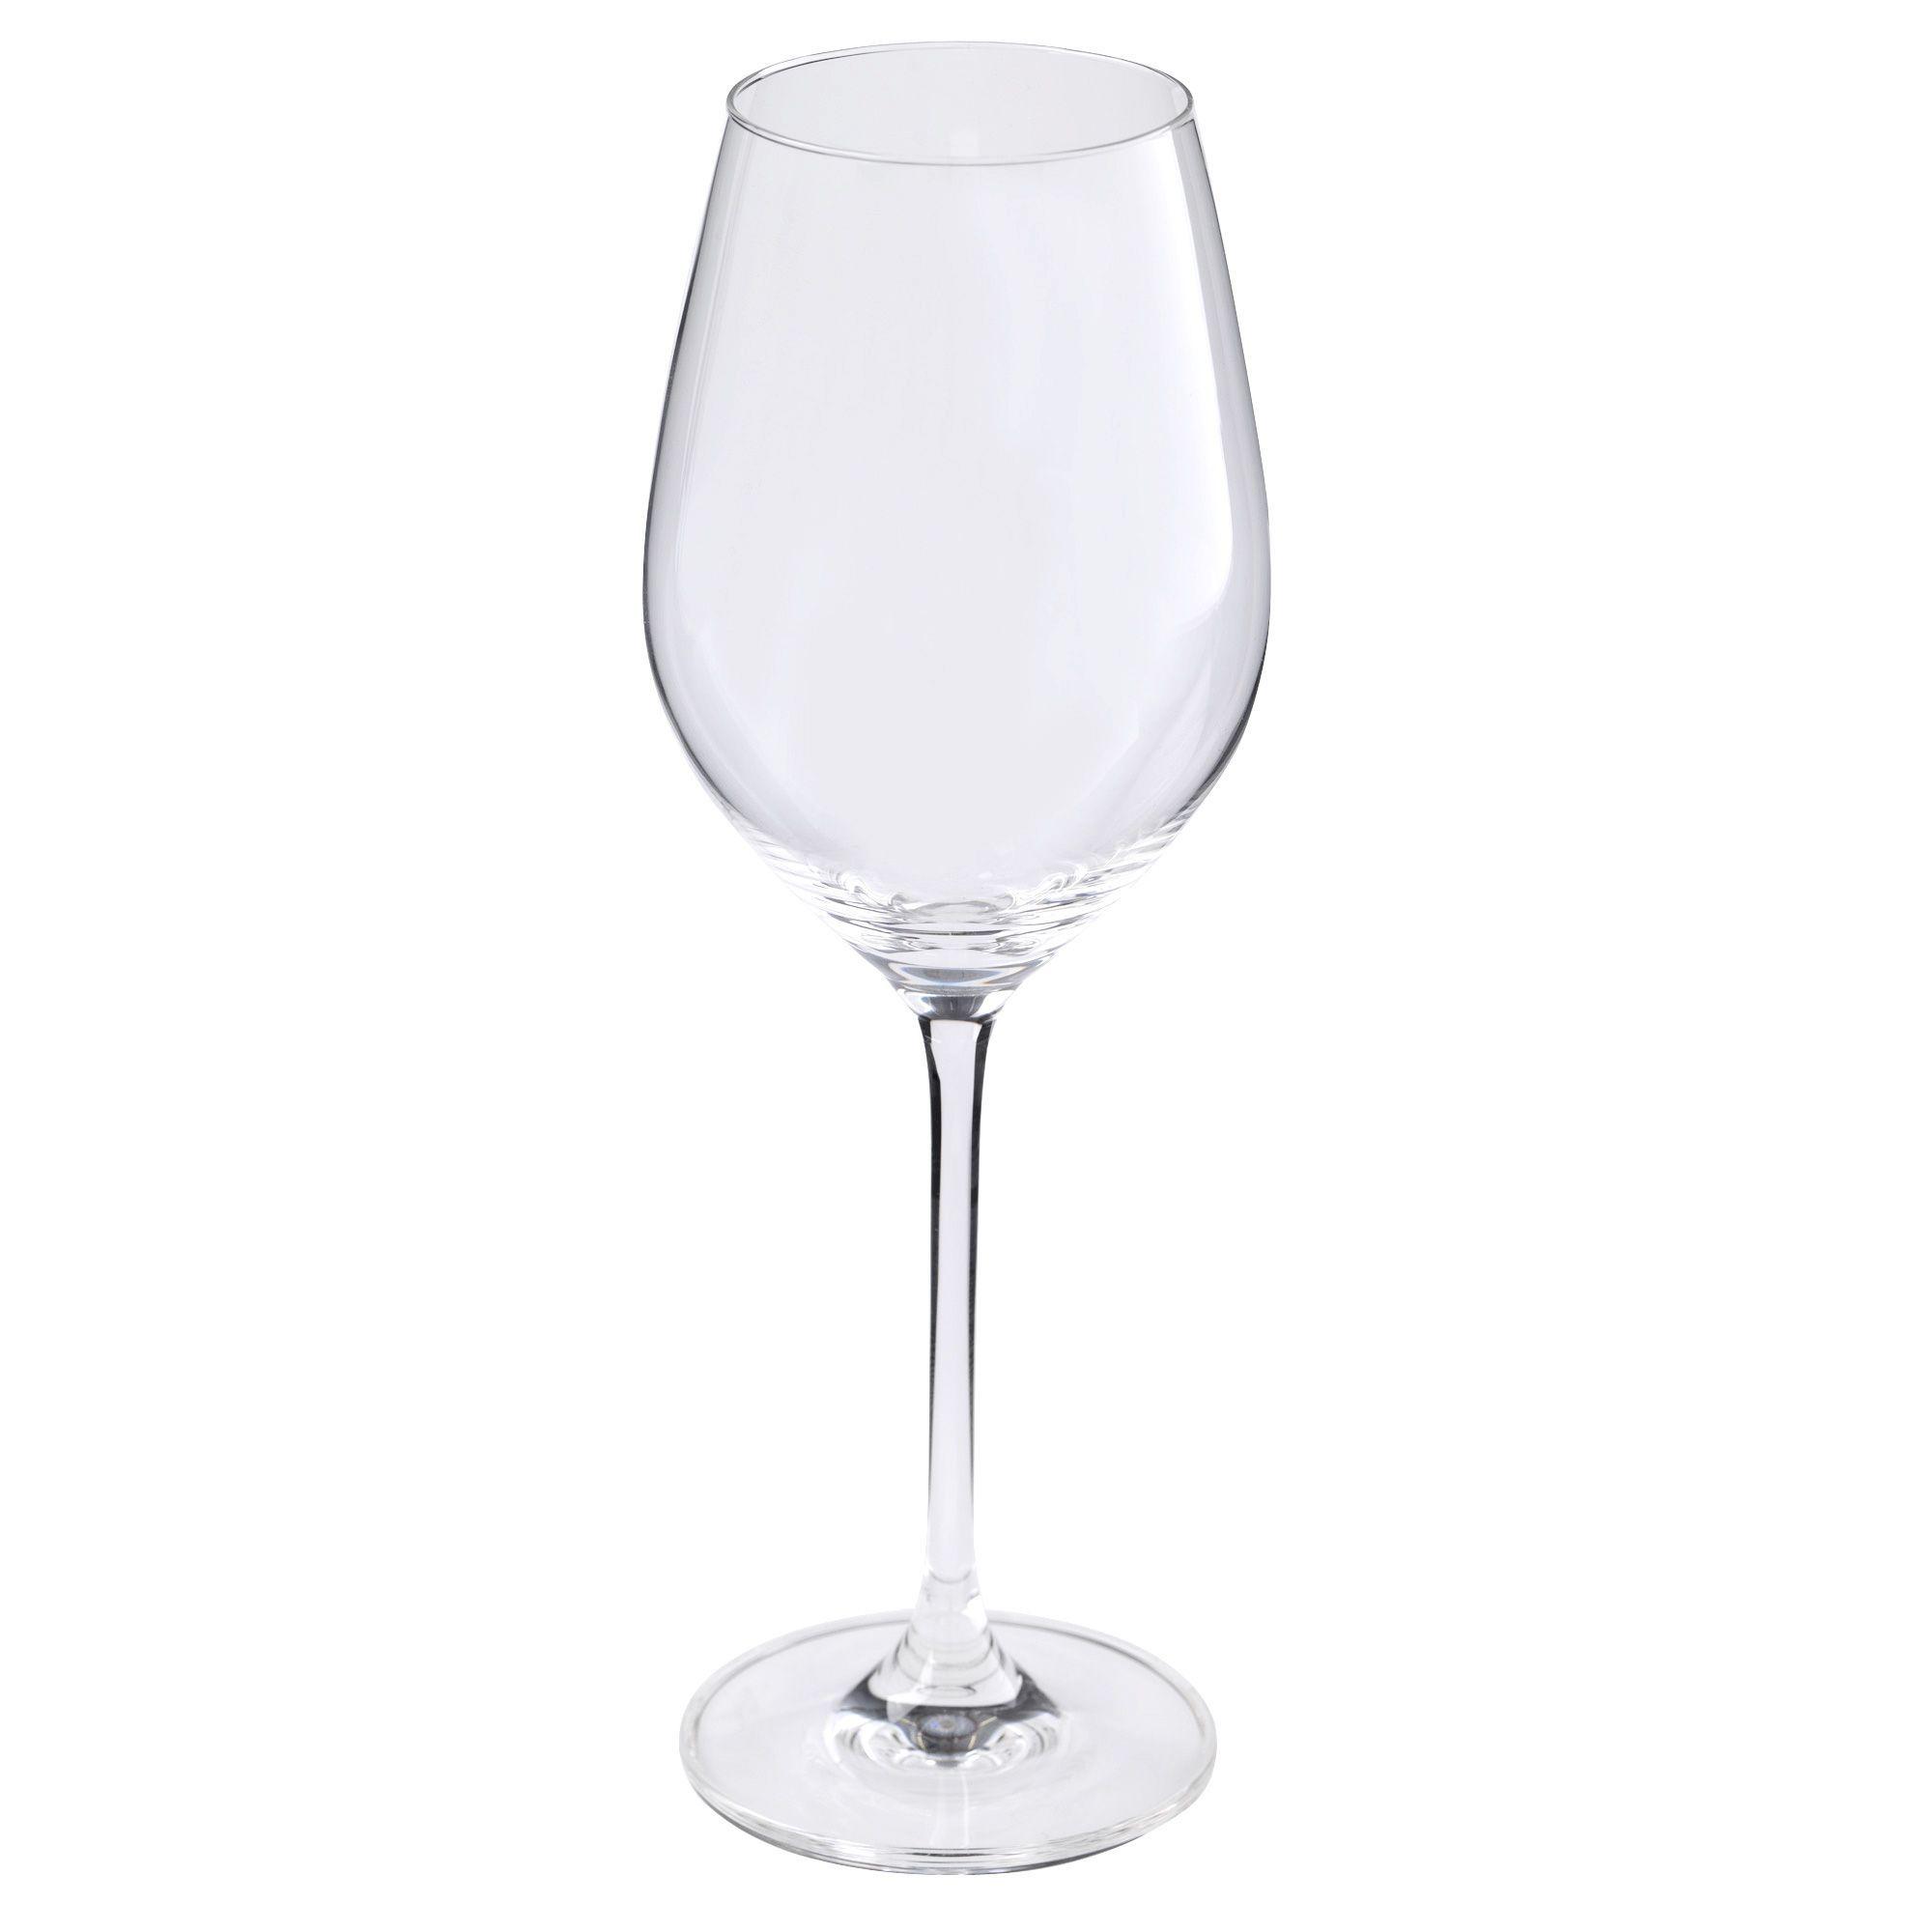 verre pied vin transparent celebration les verres. Black Bedroom Furniture Sets. Home Design Ideas